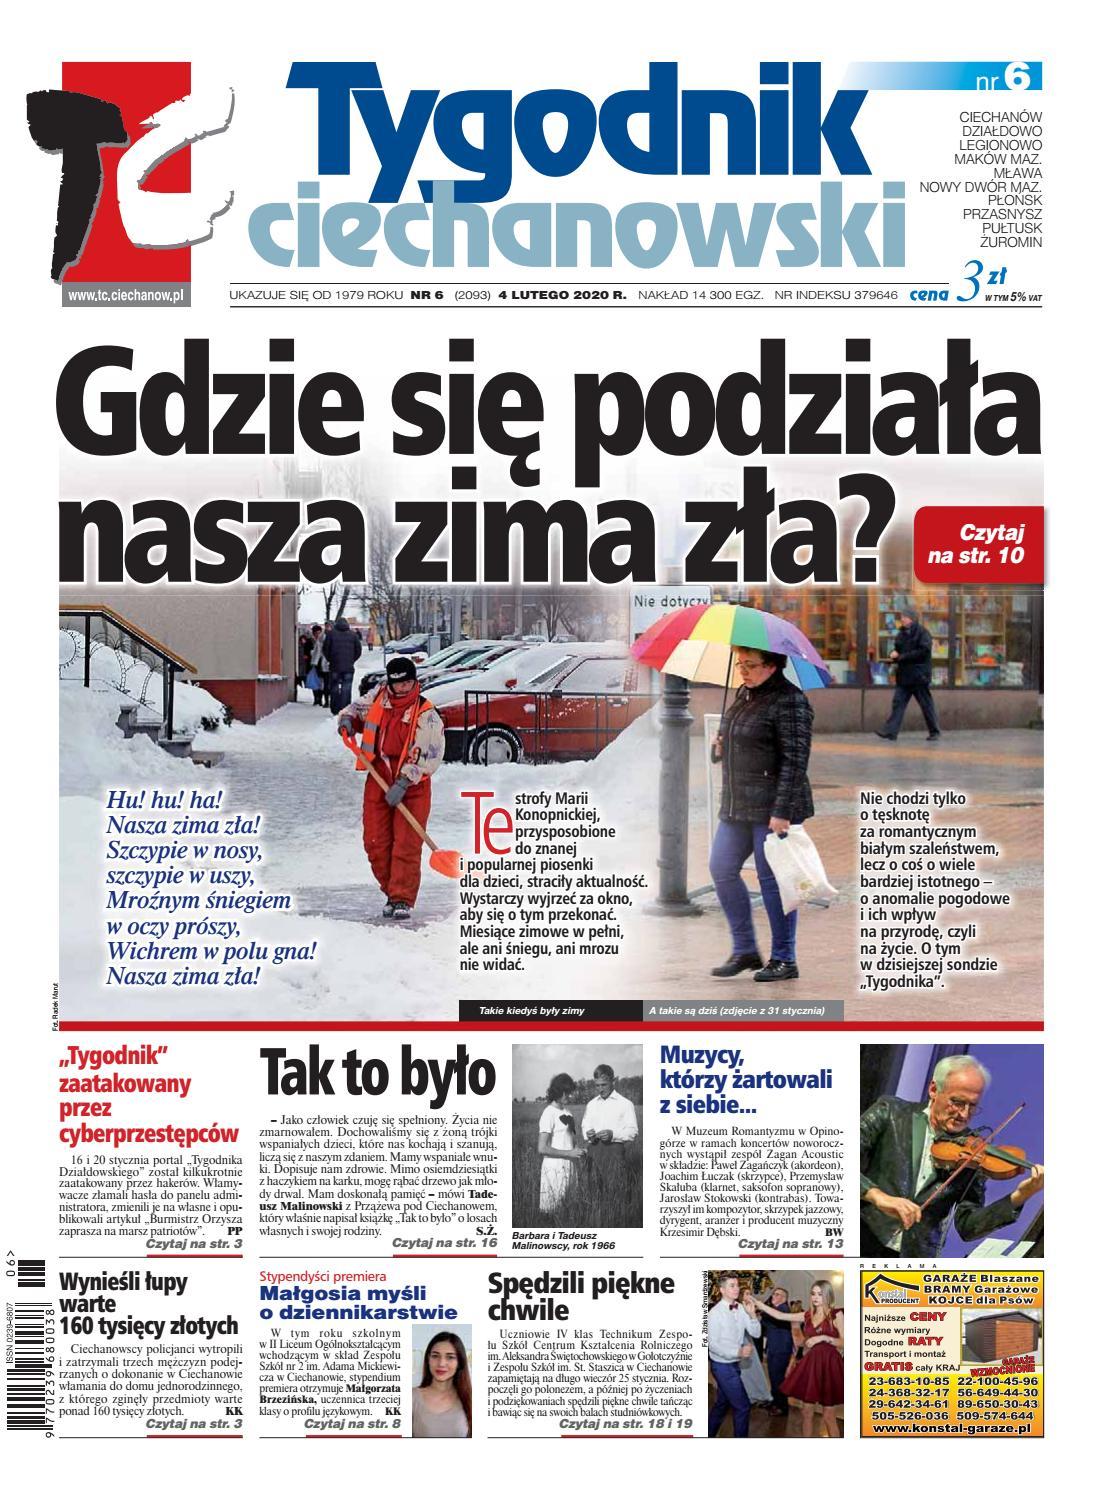 Czat online w Polsce | Poznaj nowe osoby | Badoo